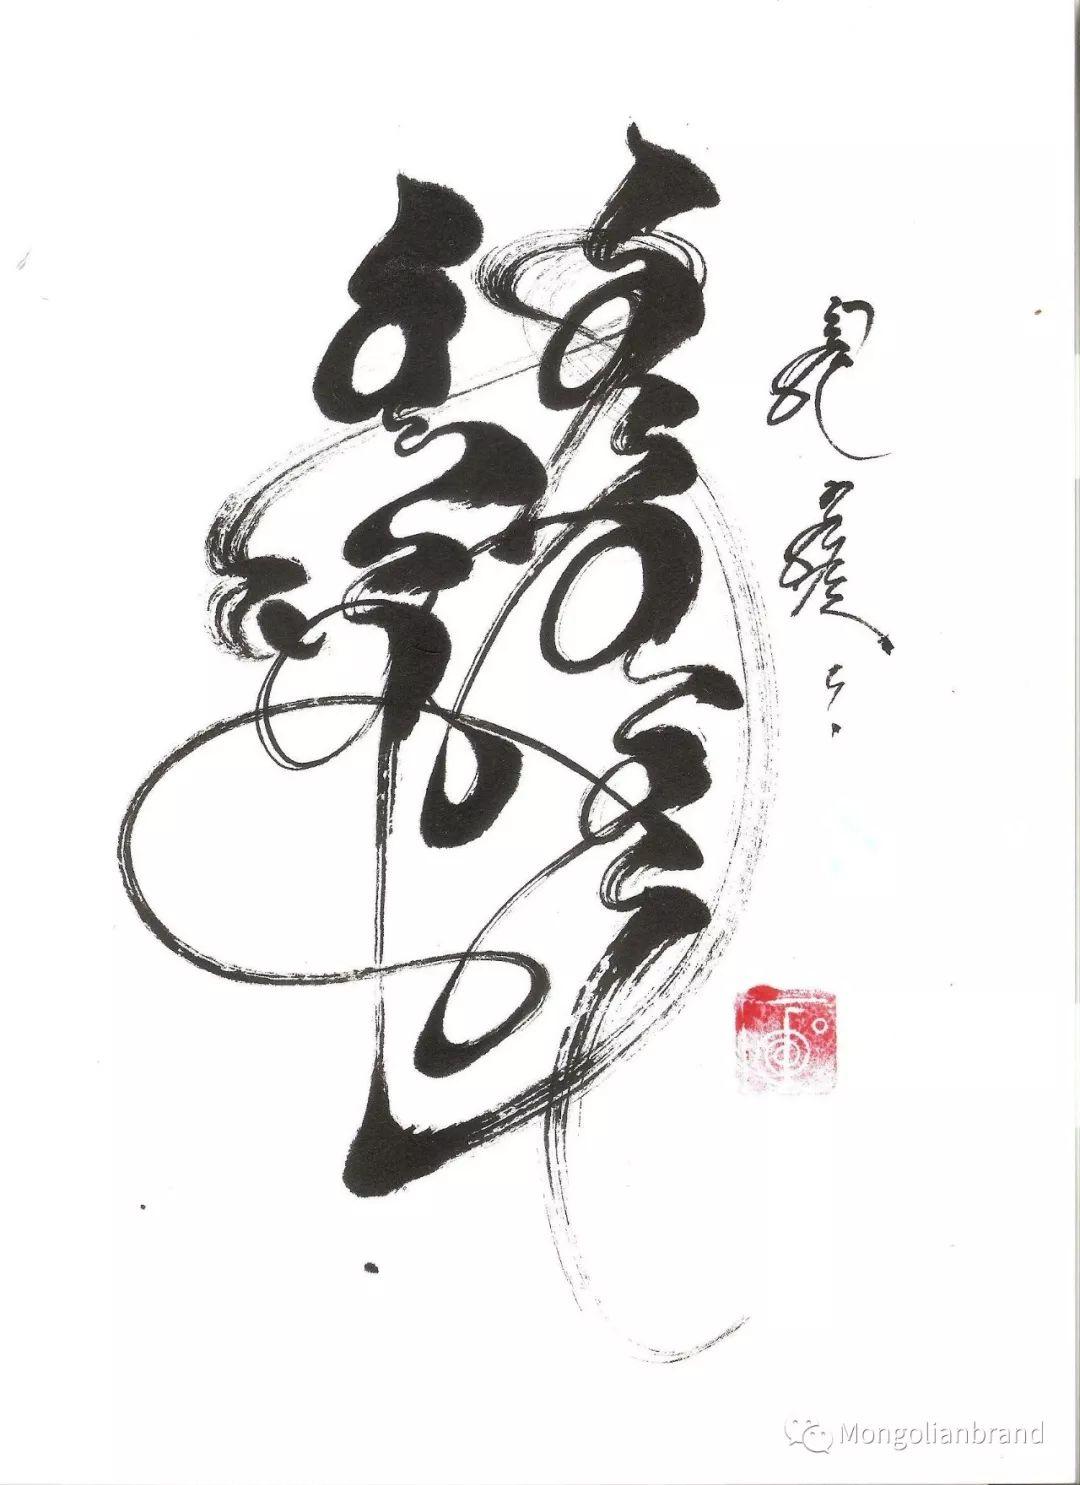 同样是竖体蒙古文,蒙古国的书法与我们不一样【组图】 第4张 同样是竖体蒙古文,蒙古国的书法与我们不一样【组图】 蒙古书法